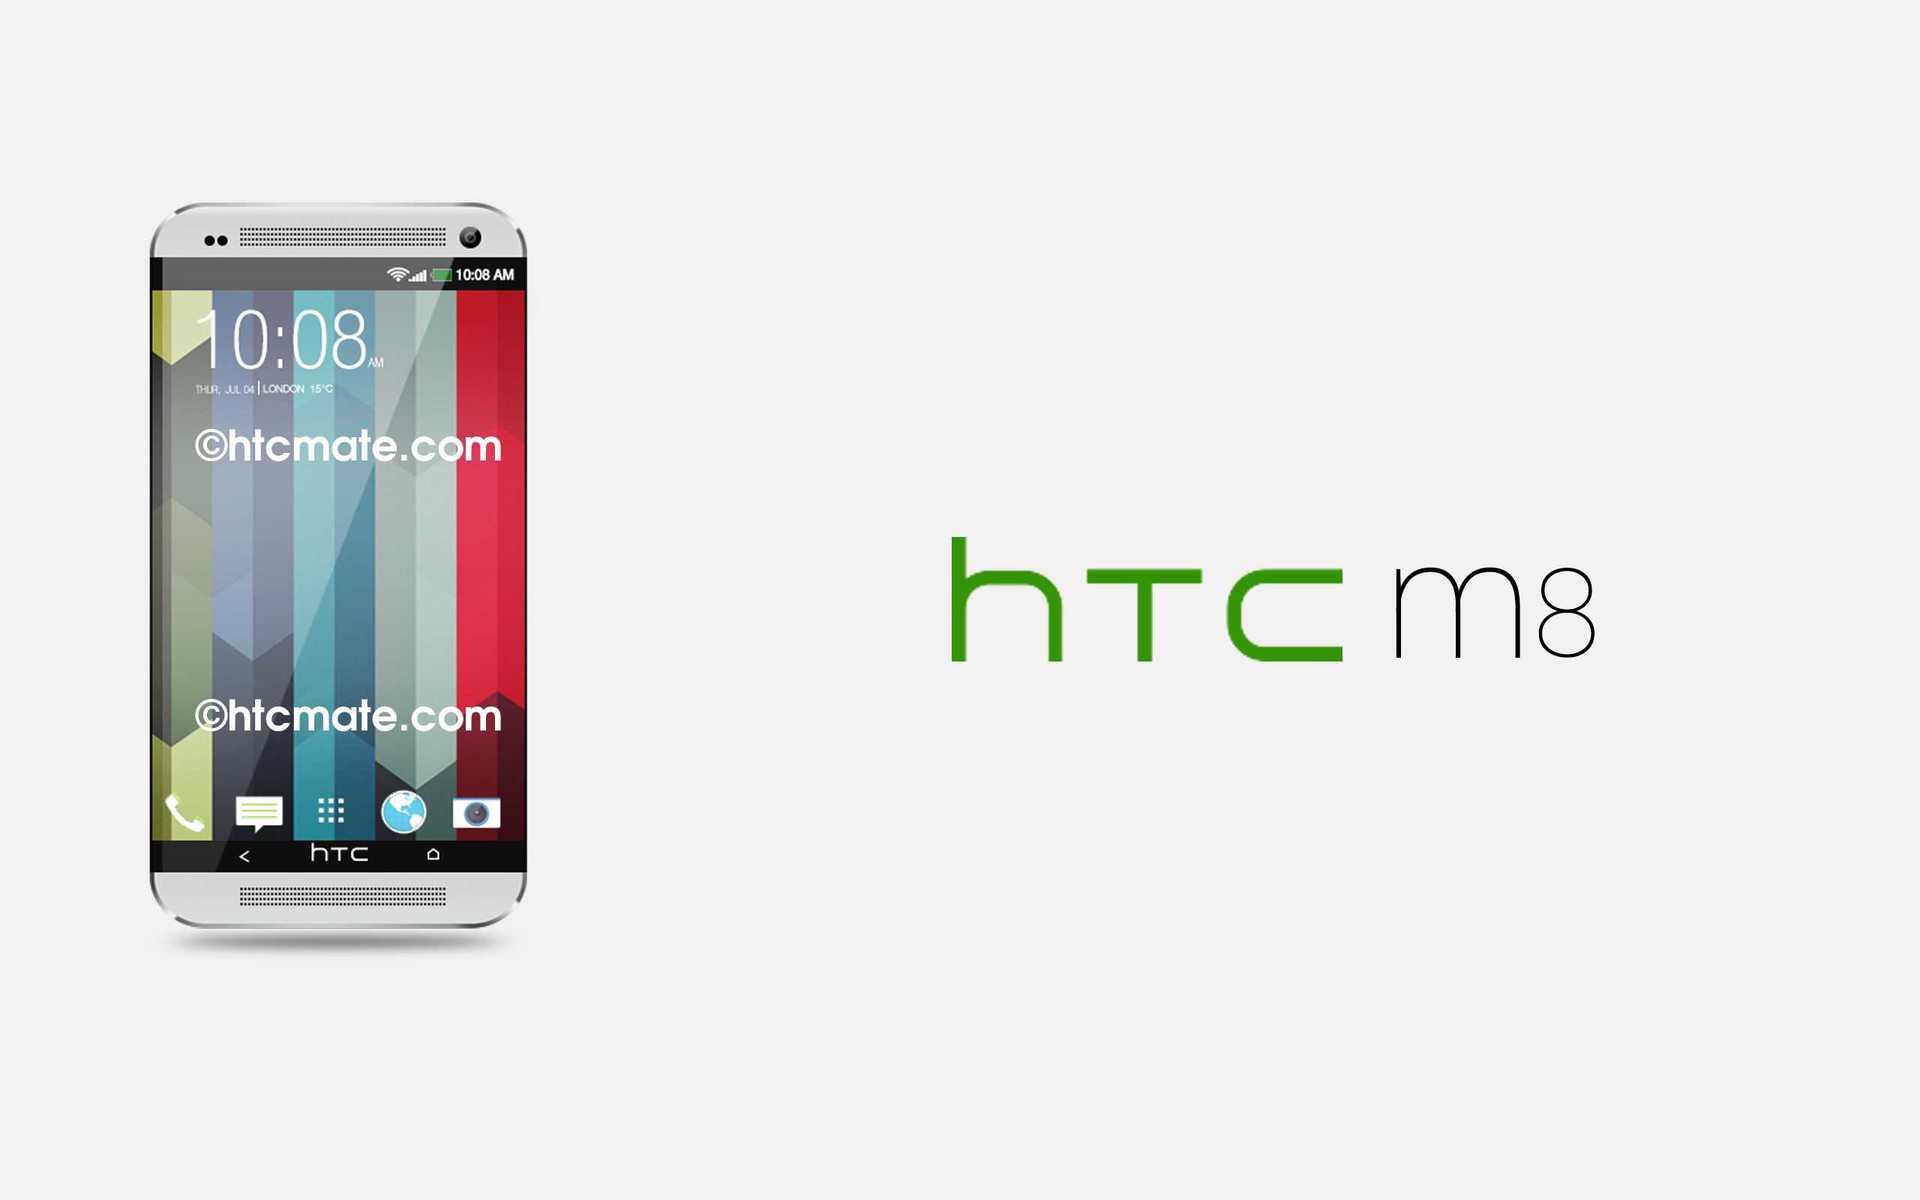 HTC One 2 presentato a Marzo in un apposito evento a New York?